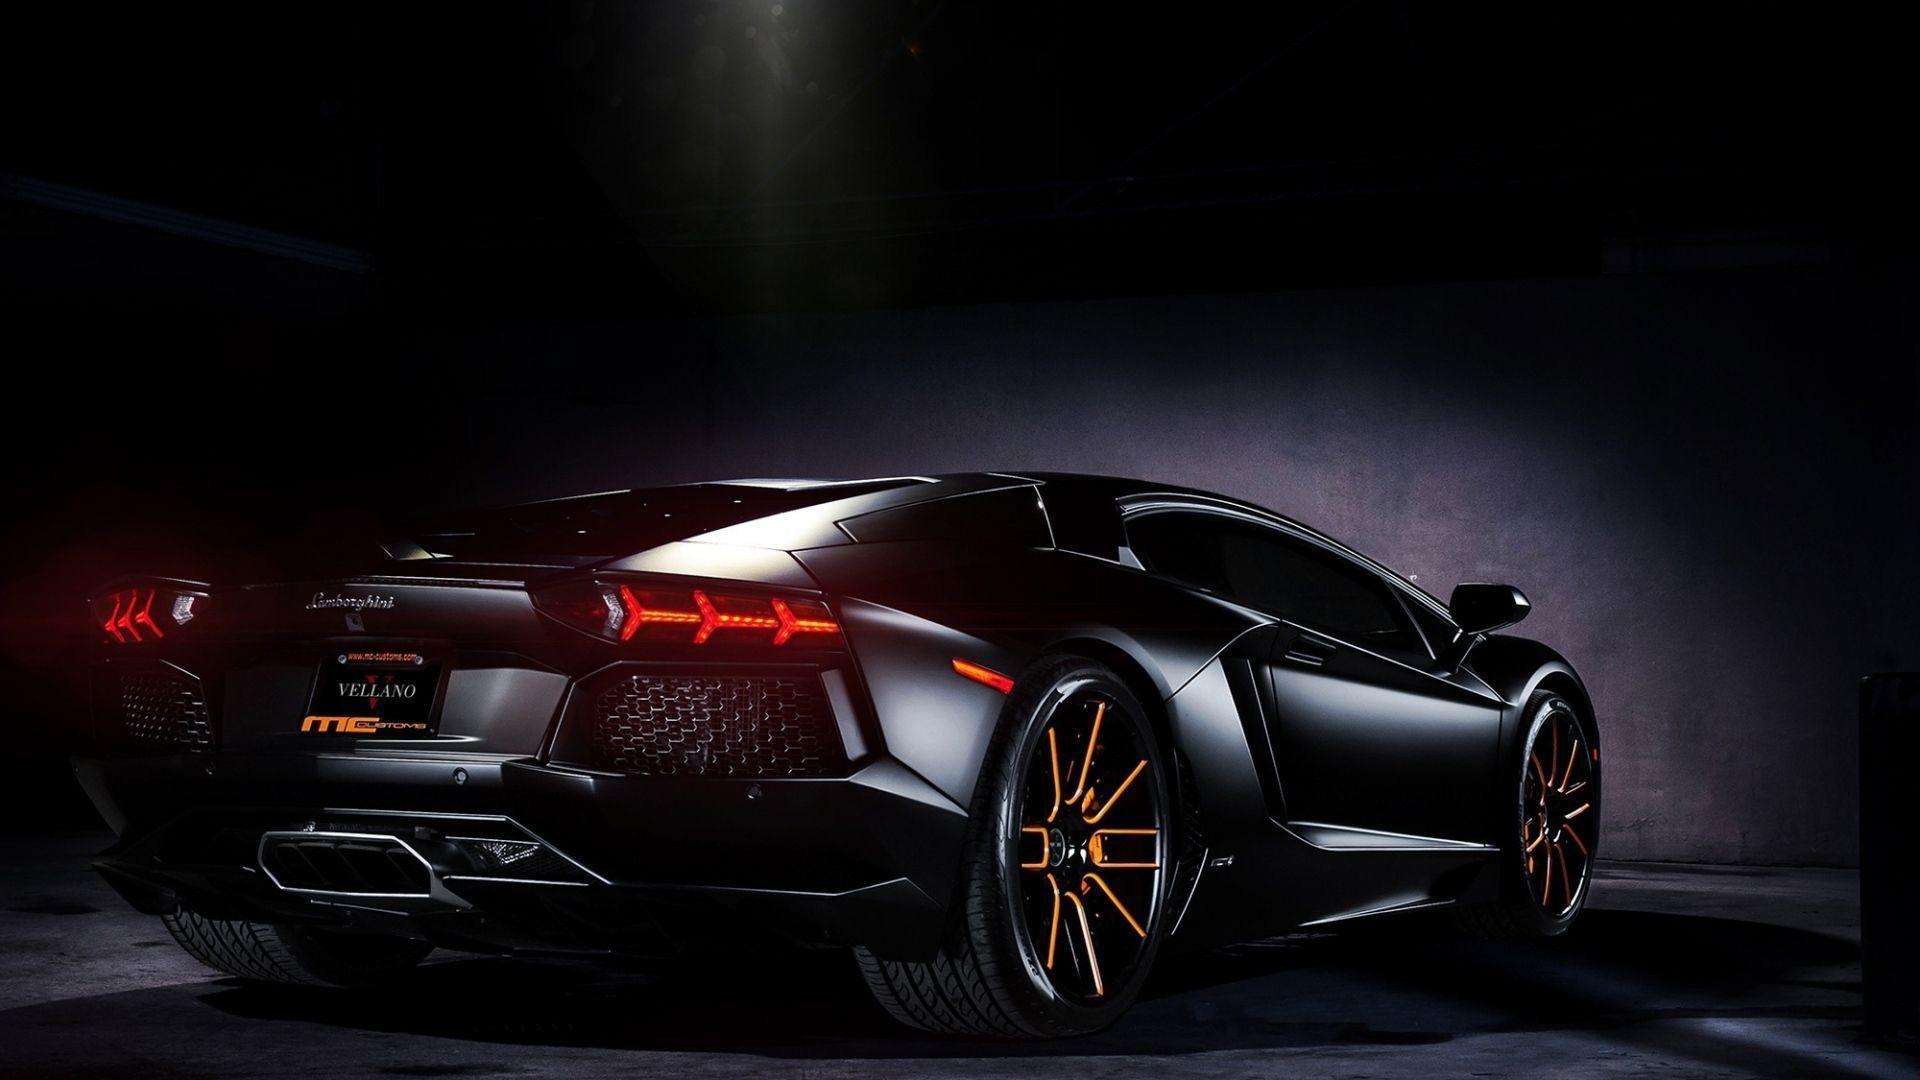 Wallpapers Full HD 1080p Lamborghini New 2017